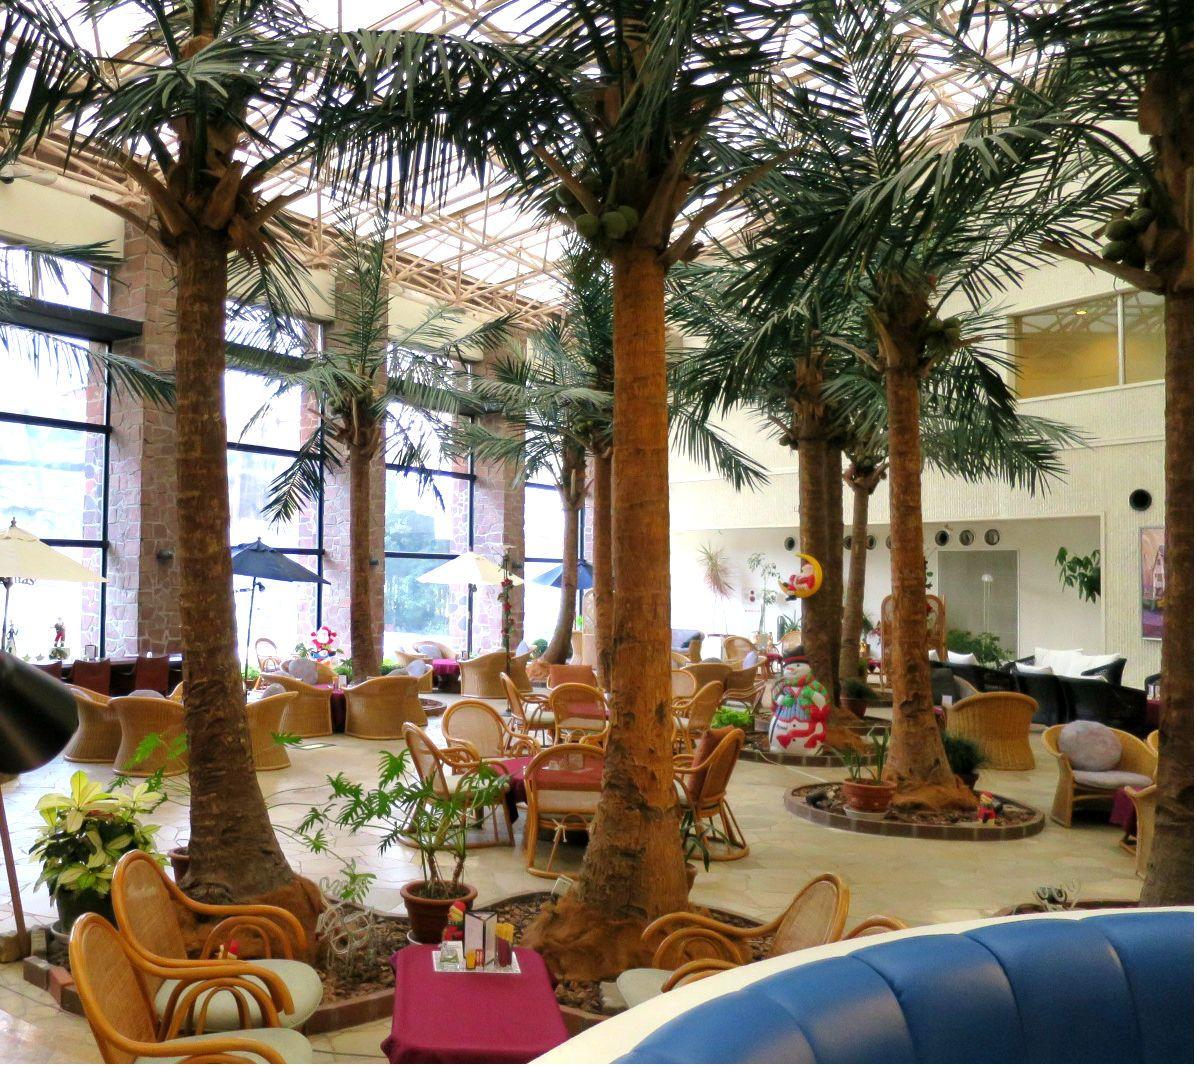 南国すぎるホテル「浜名湖レークサイドプラザ」でバカンス気分!